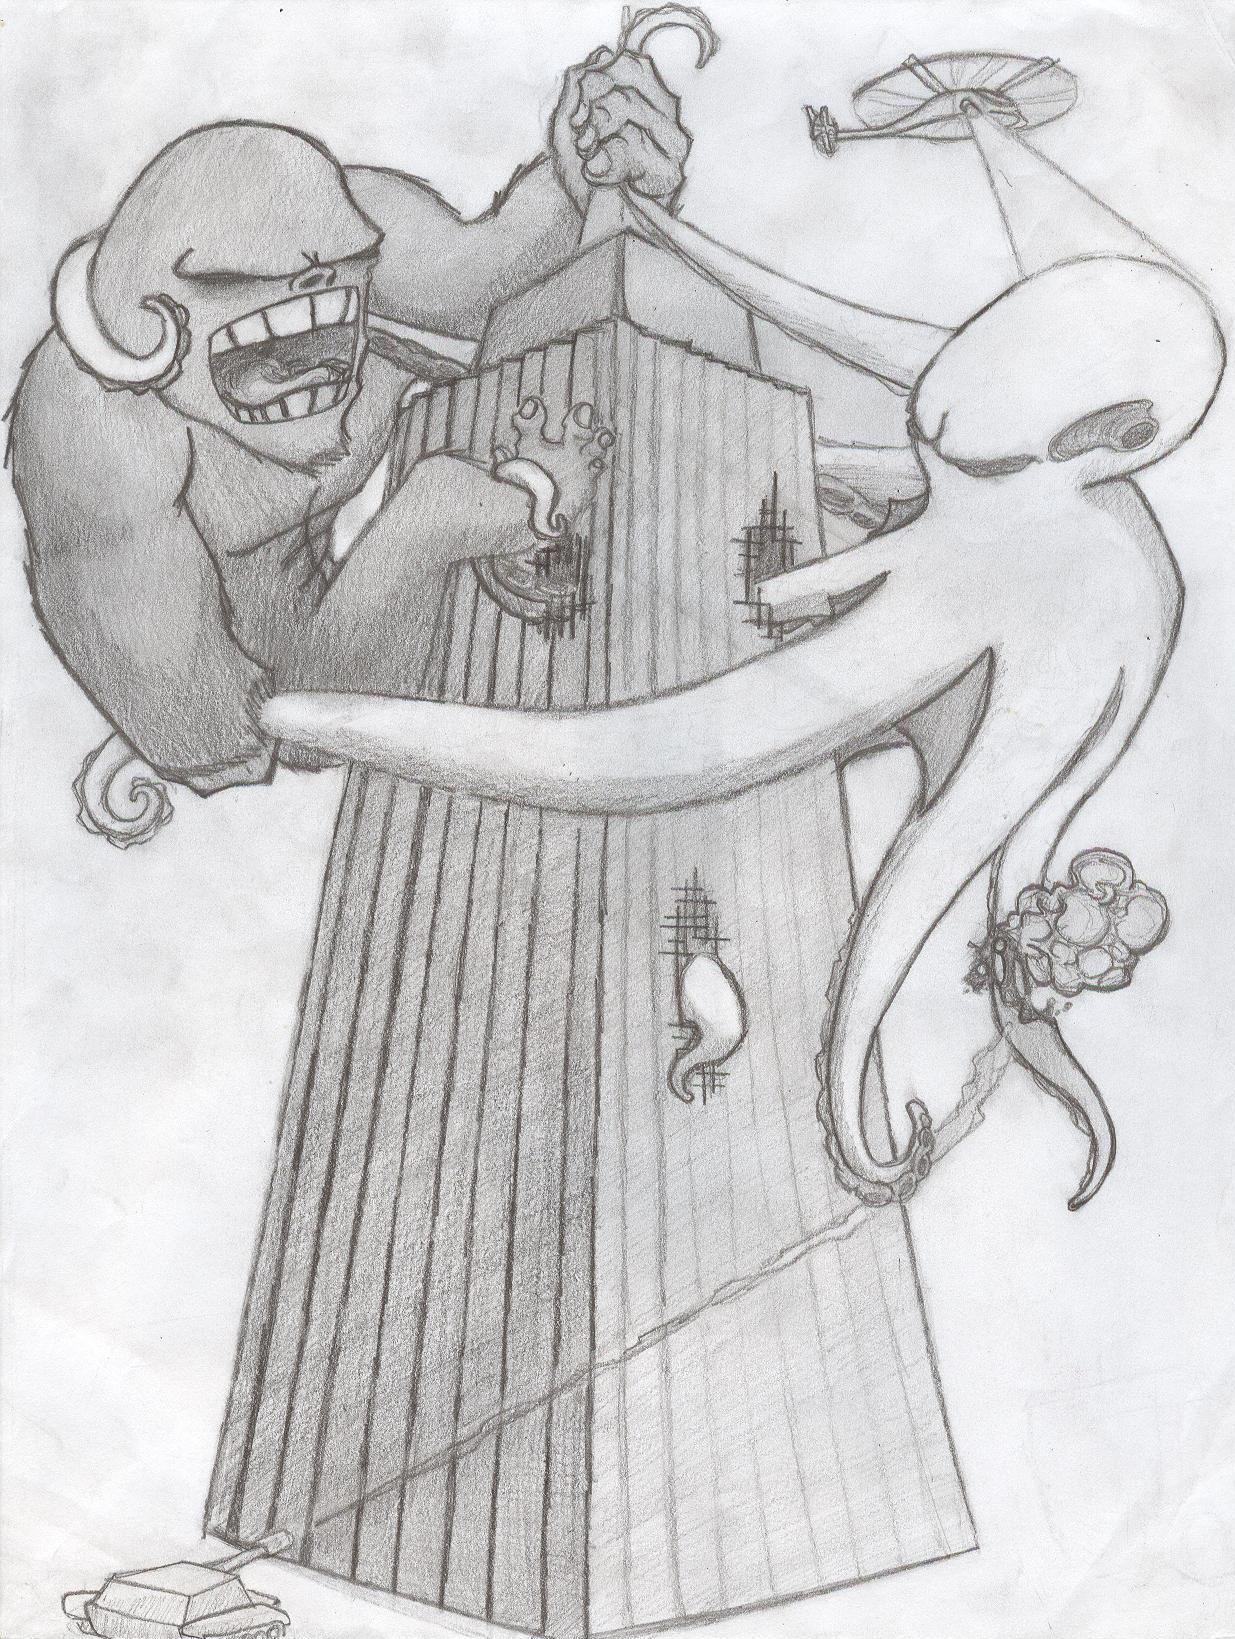 Gorilla Vs Octopus